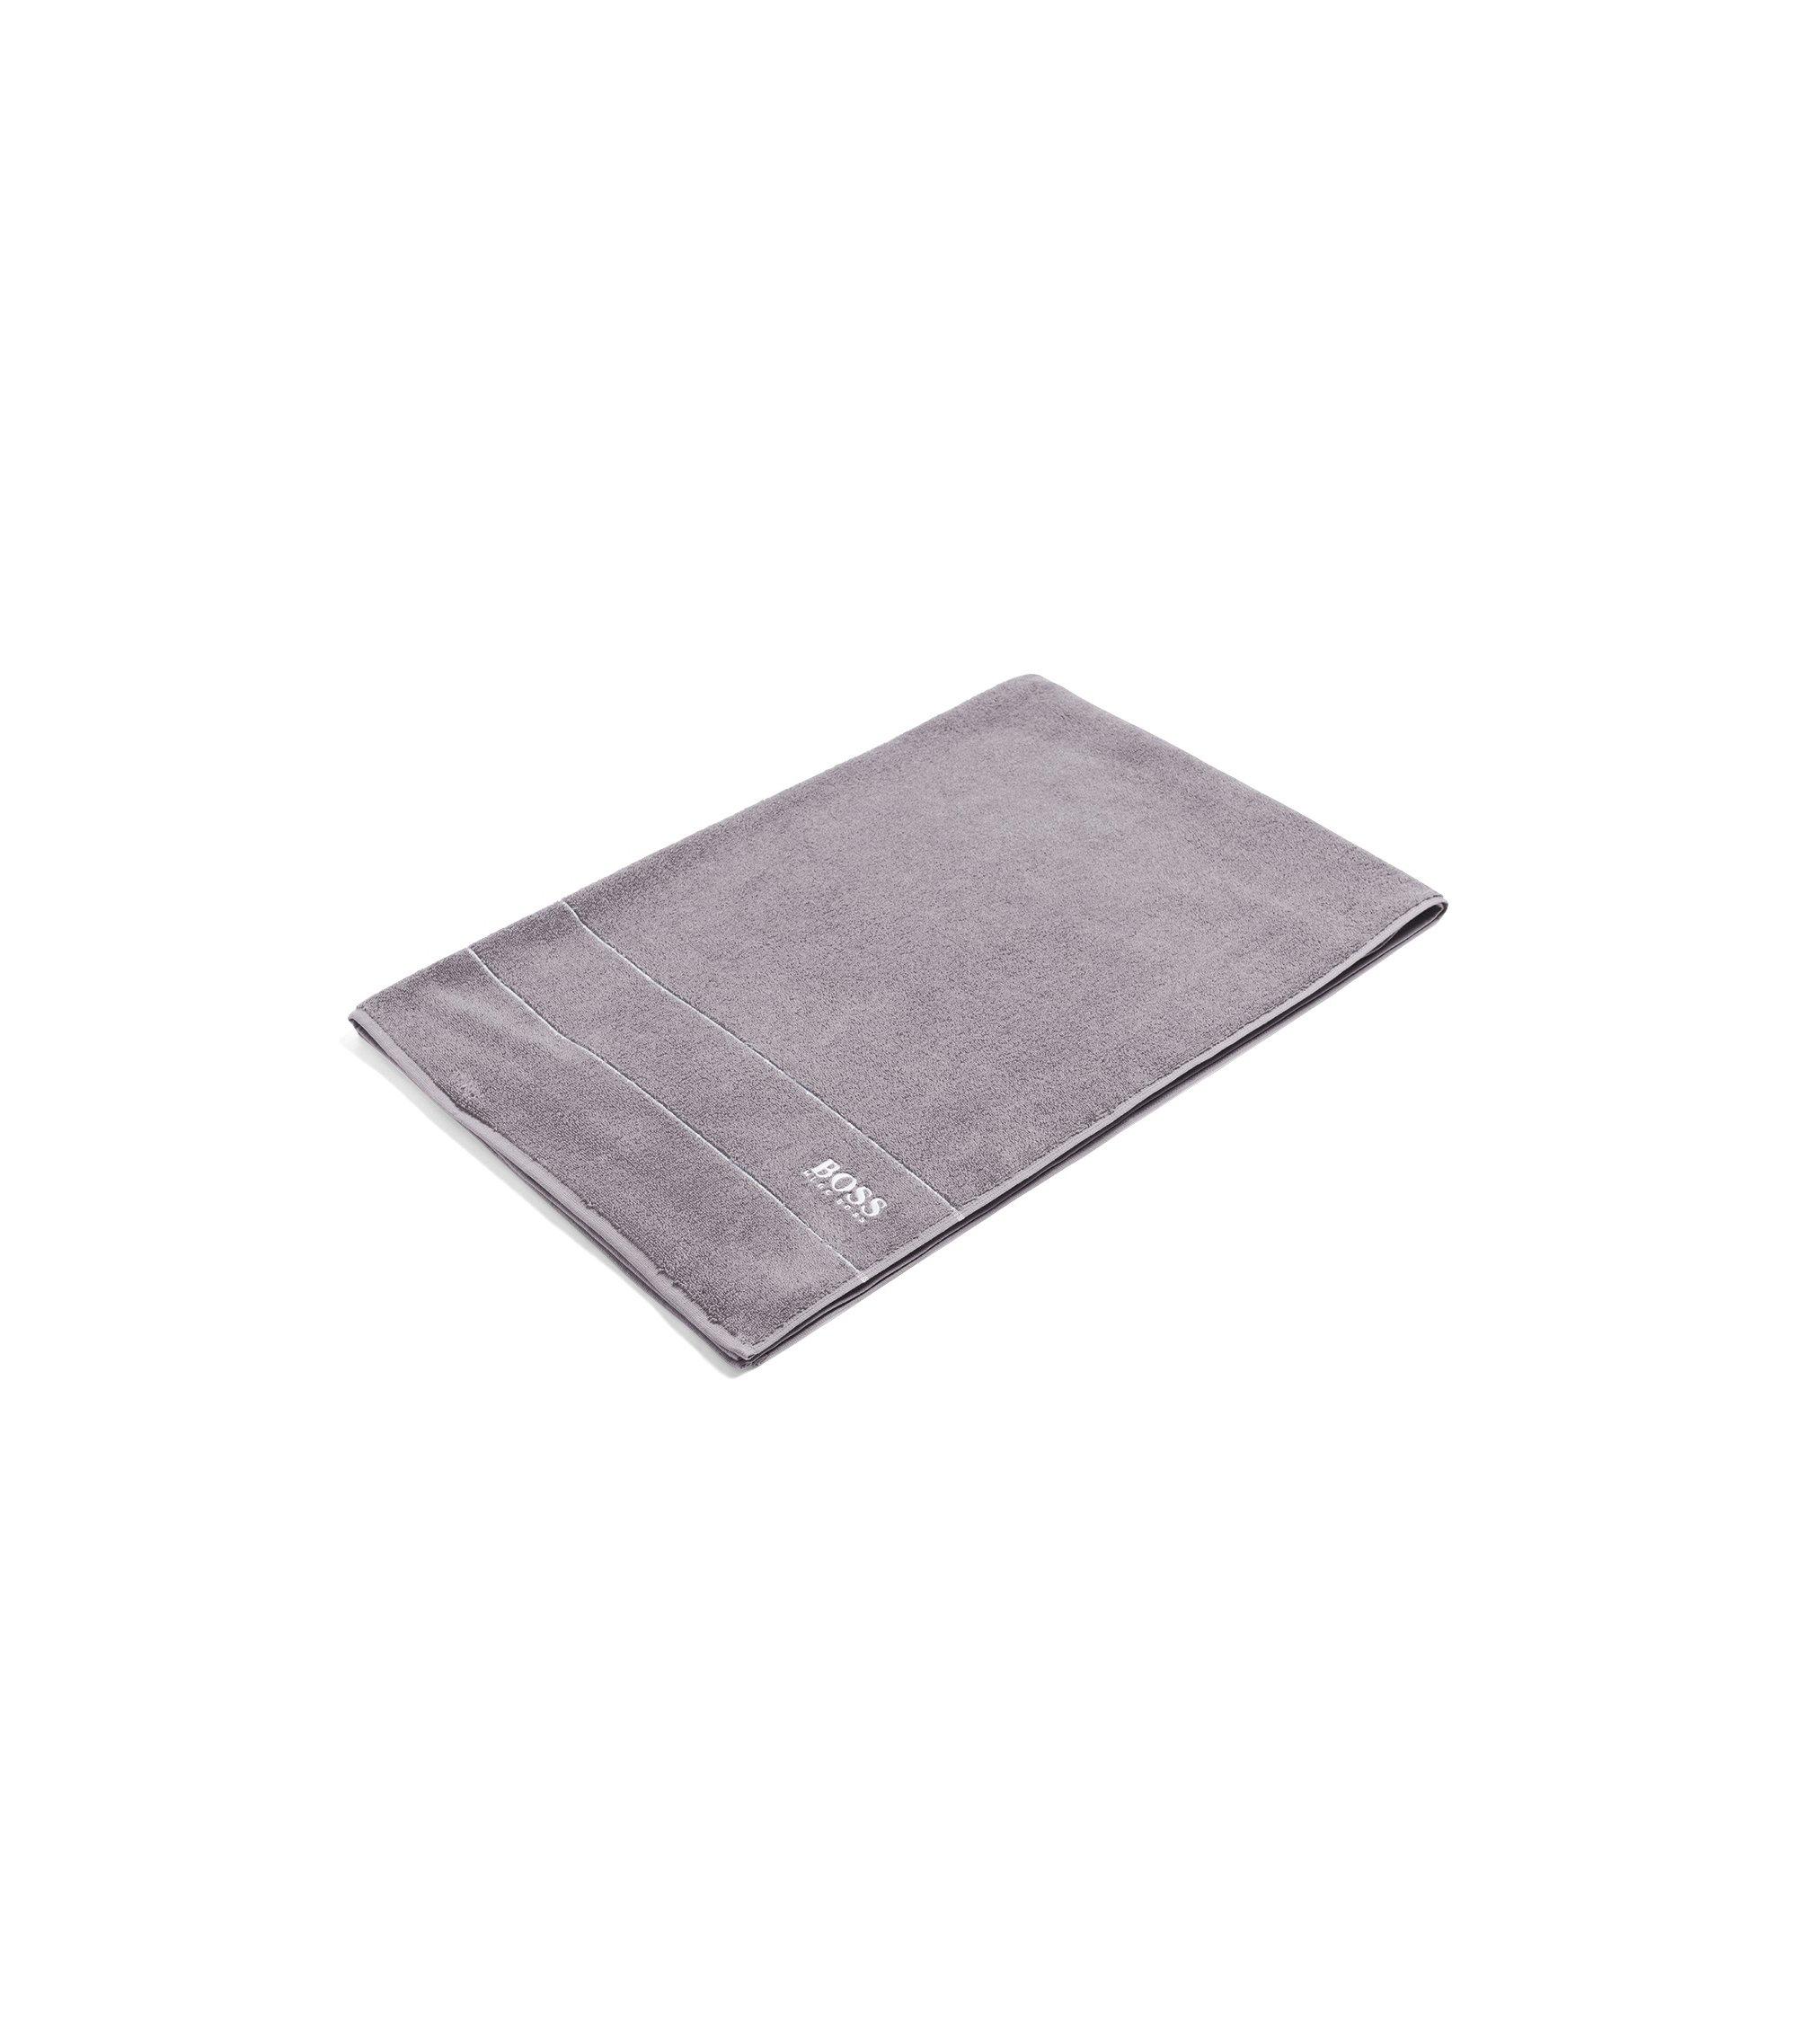 Toalla de baño extragrande en algodón egipcio de la máxima calidad con logo en el borde, Gris oscuro